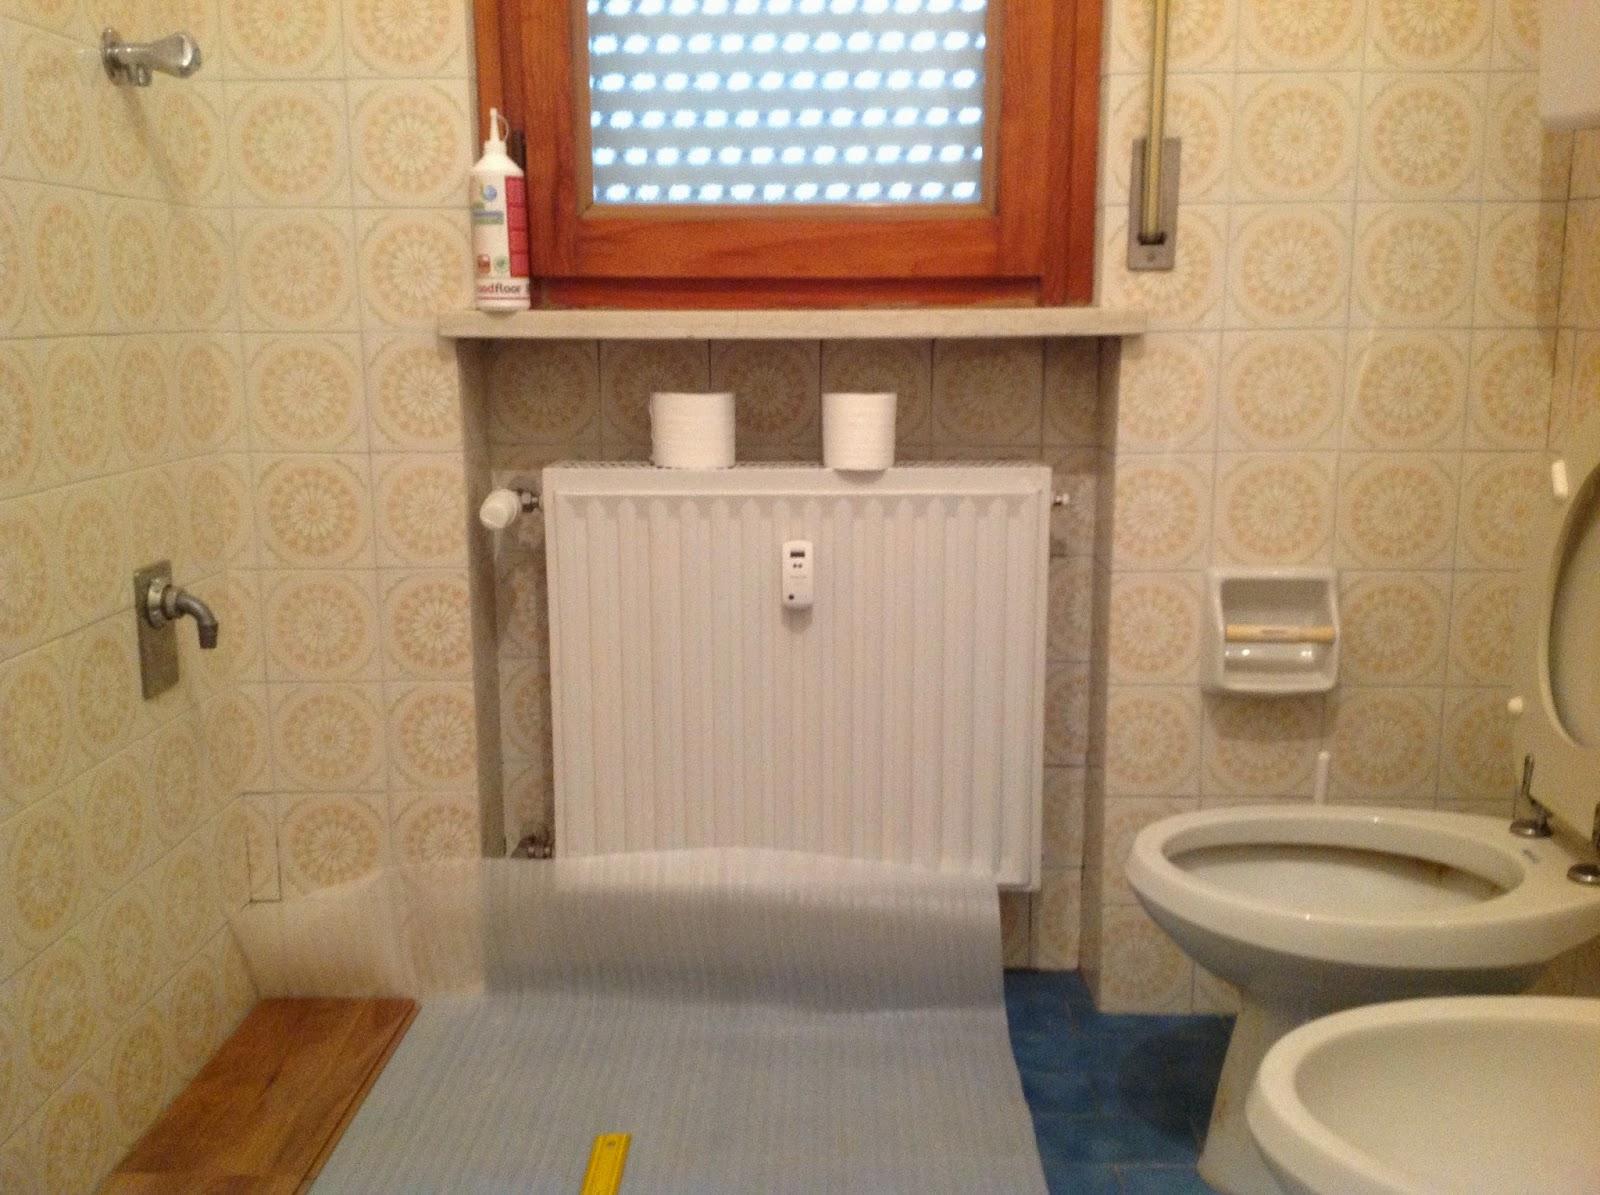 Coprire le piastrelle del bagno